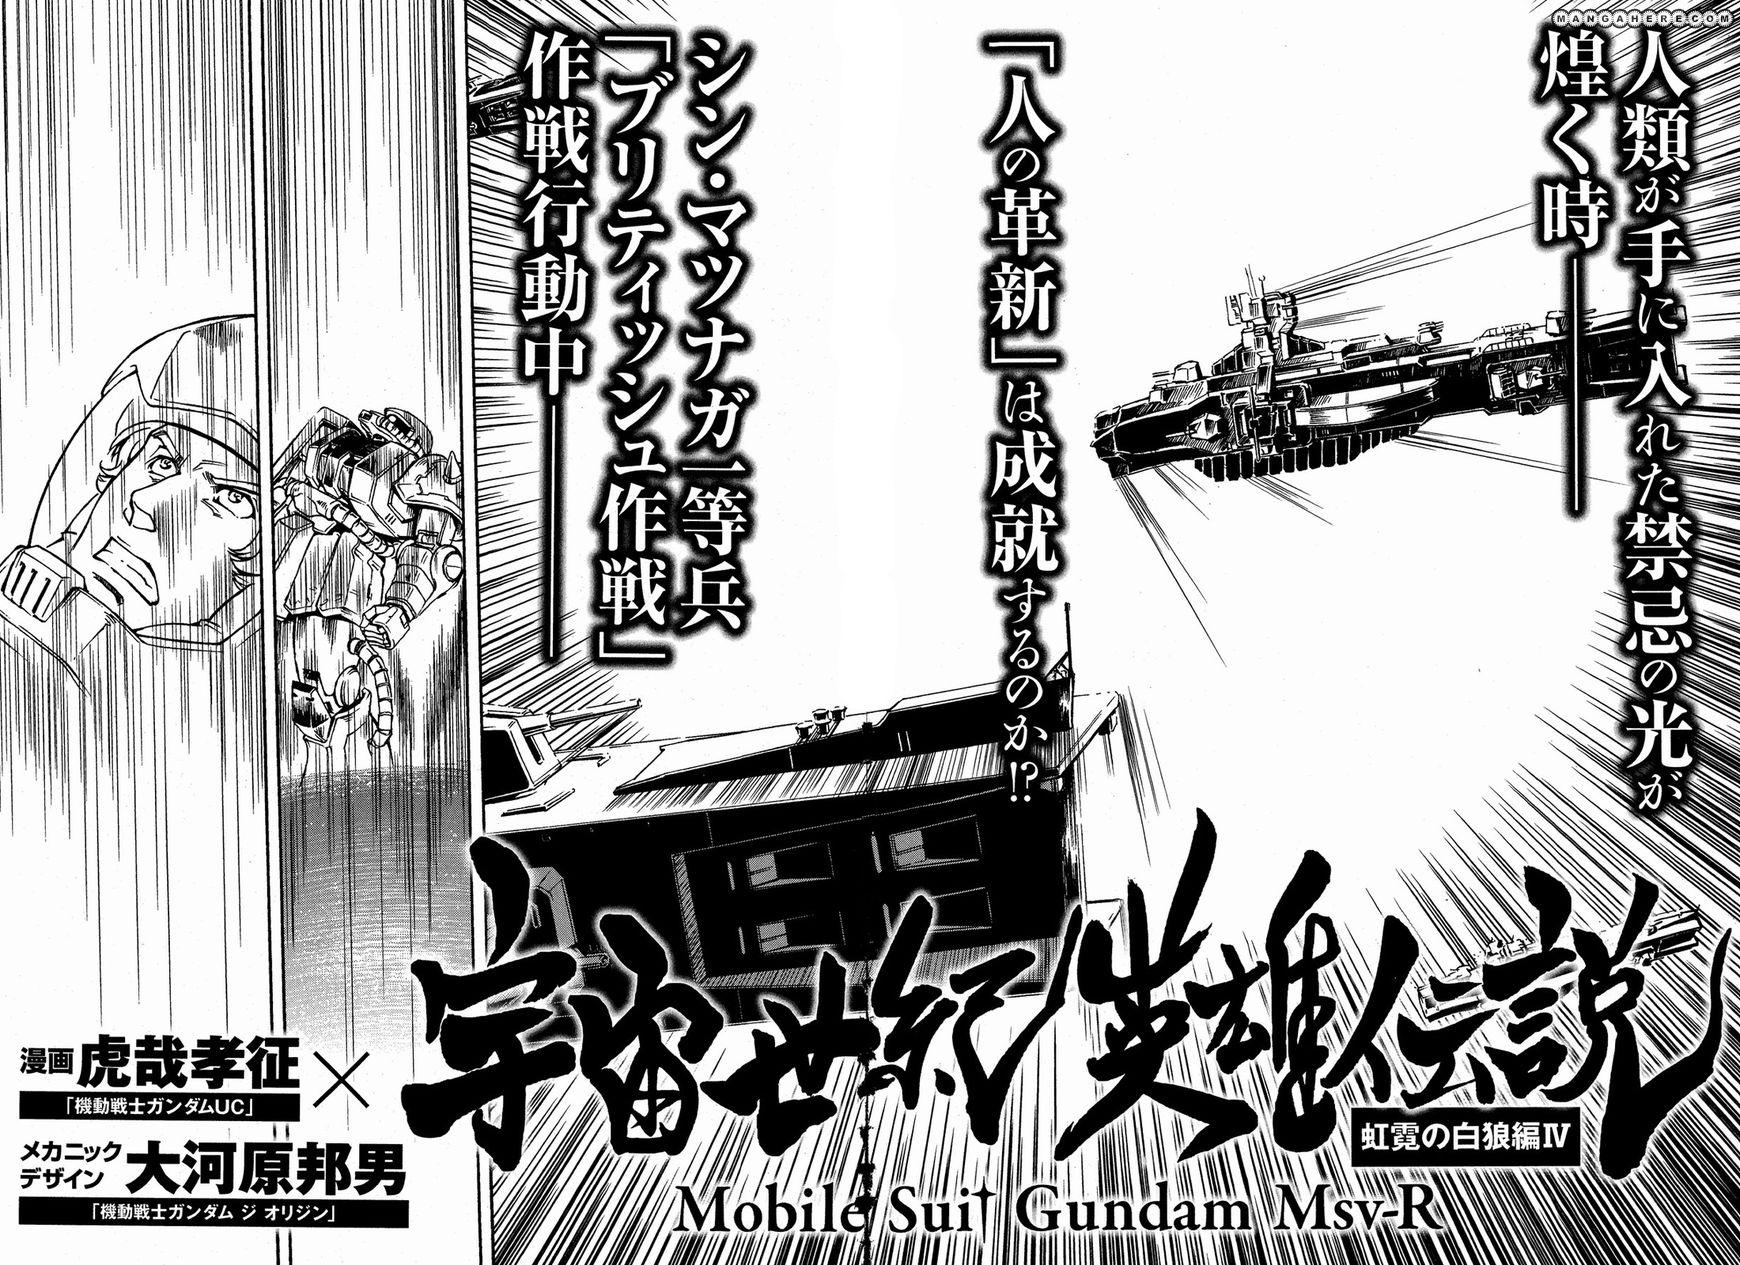 Uchuu Seiki Eiyuu Densetsu - Mobile Suit Gundam MSV-R 4 Page 2